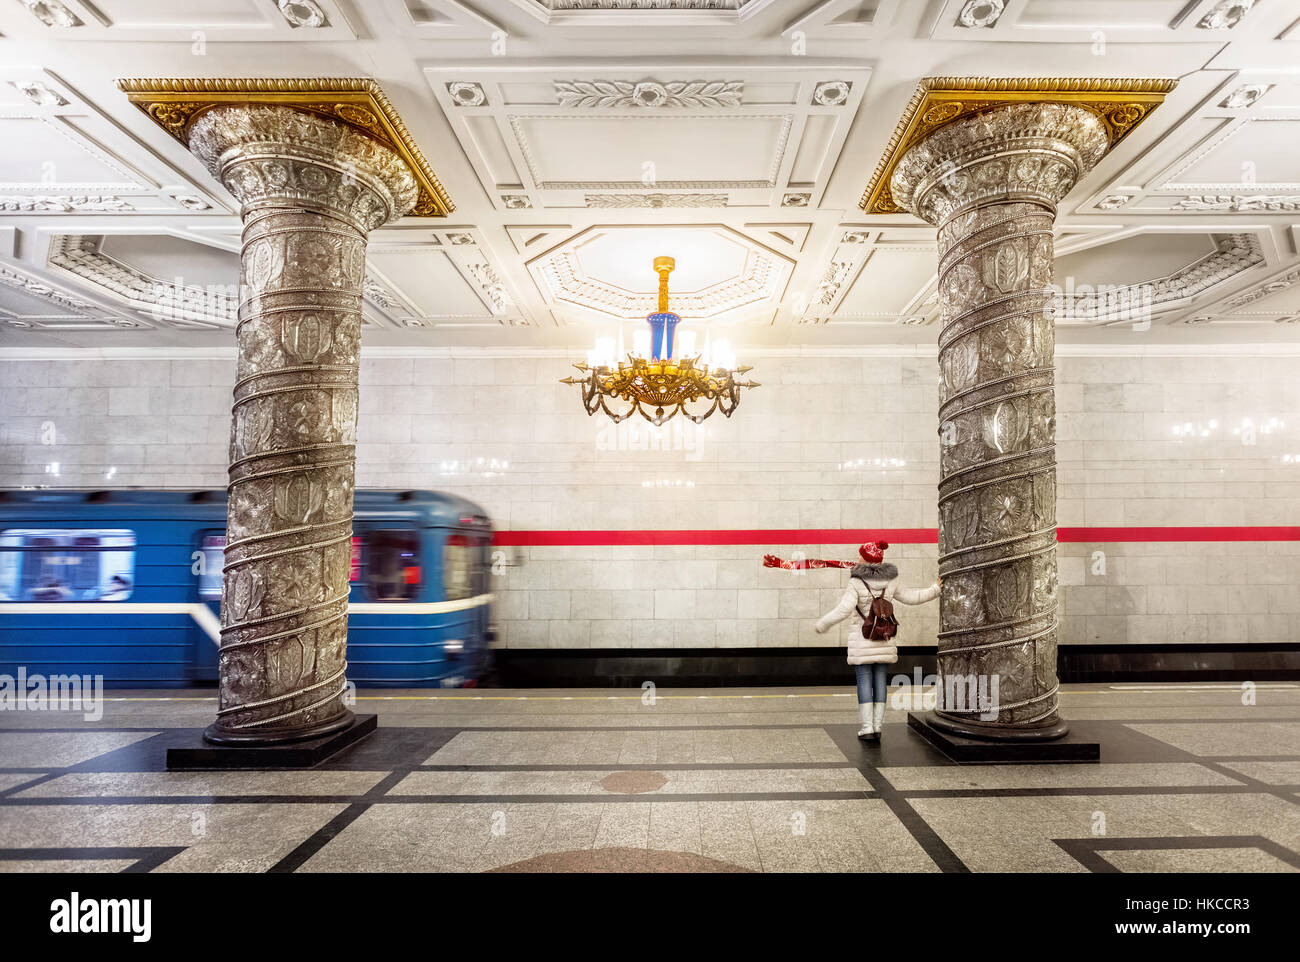 Turista mujer con pañuelo rojo y el tren que sale de la estación de metro Avtovo en San Petersburgo, Rusia Imagen De Stock